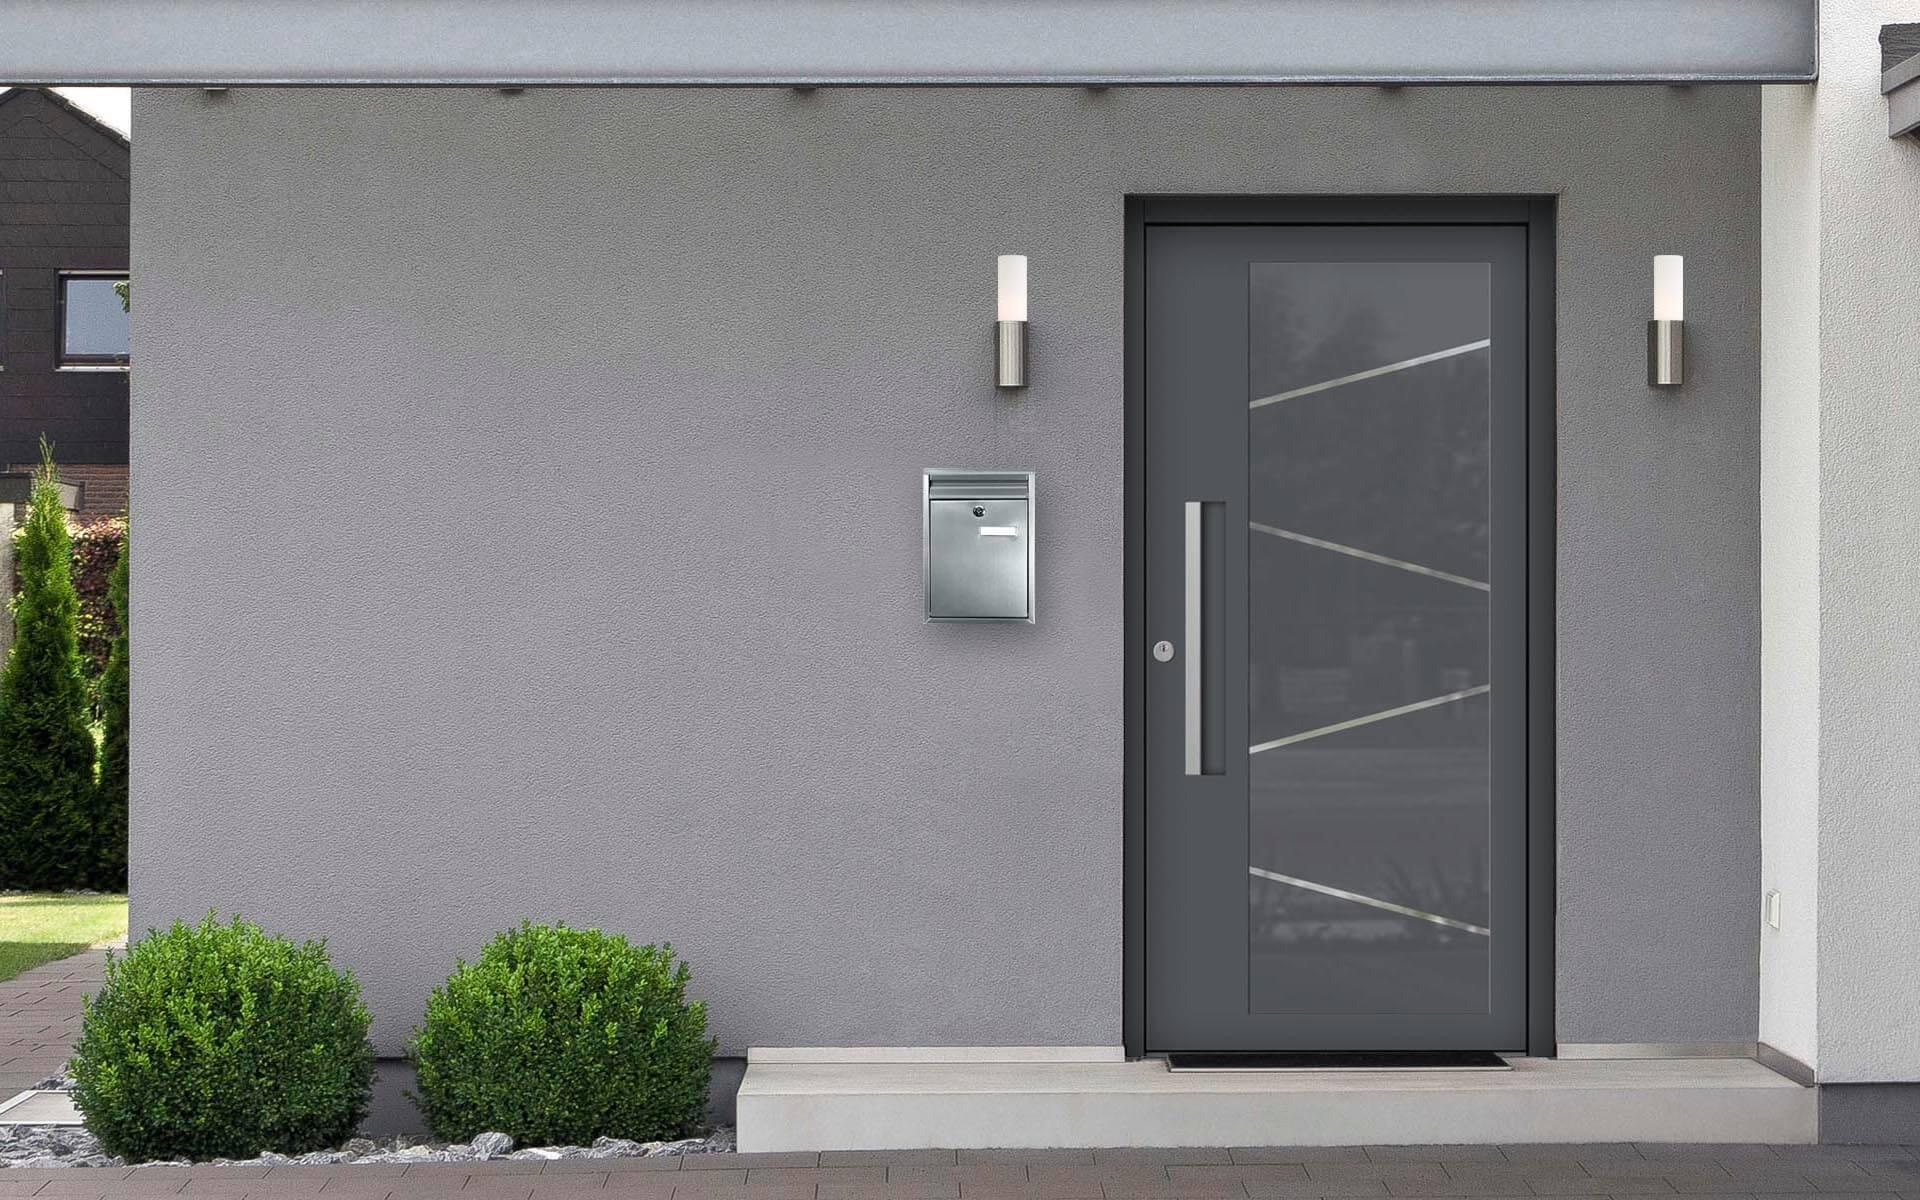 Hliníkové vchodové dvere s odolnou výplňou s dilatačným jadrom v grafitovej šedej farbe